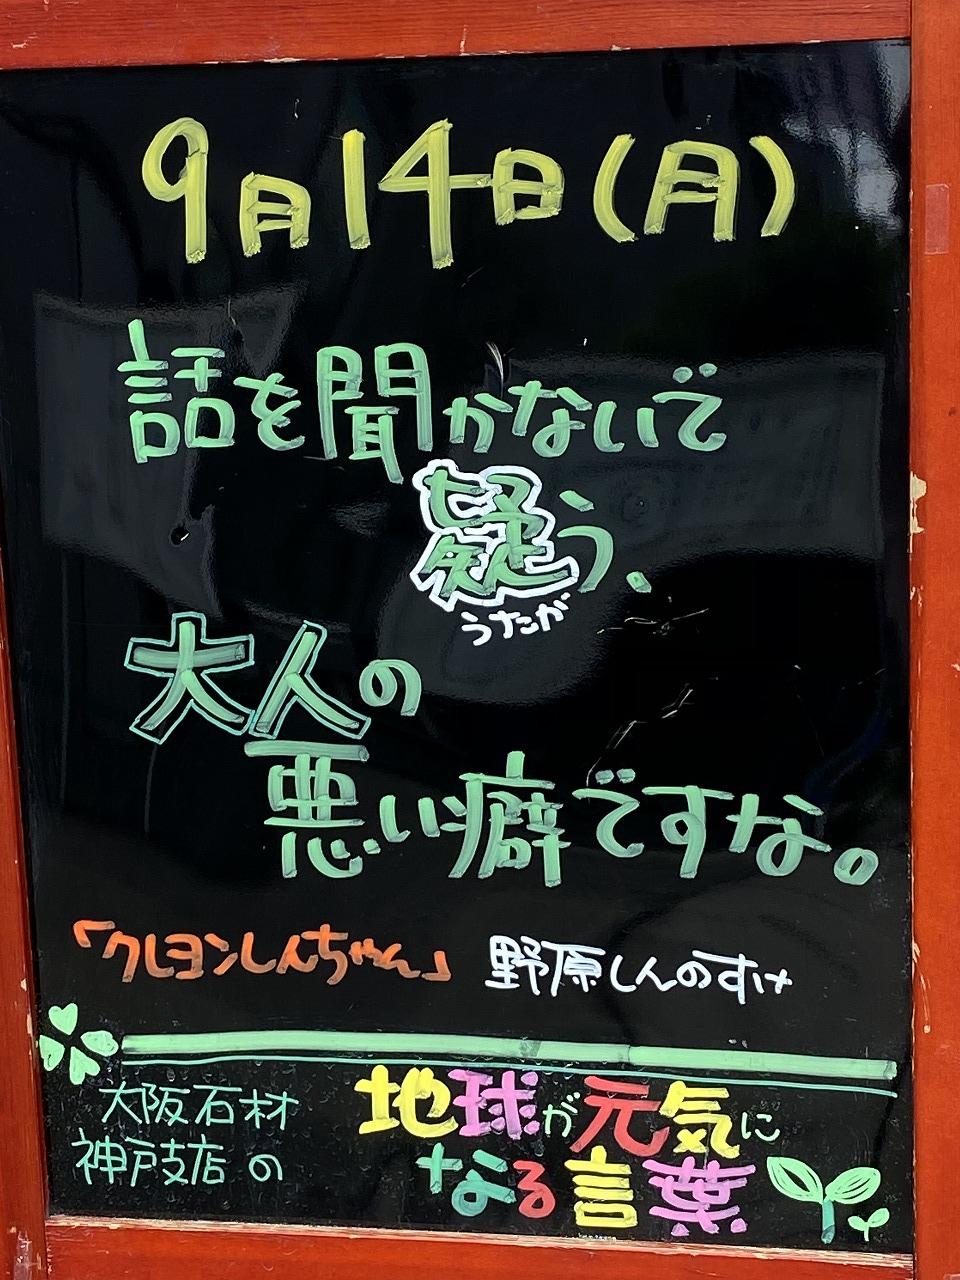 神戸市東灘区御影塚町にある石のお店 大阪石材神戸支店の店舗前にあるブラックボードのPOP「地球が元気になる言葉」9/14